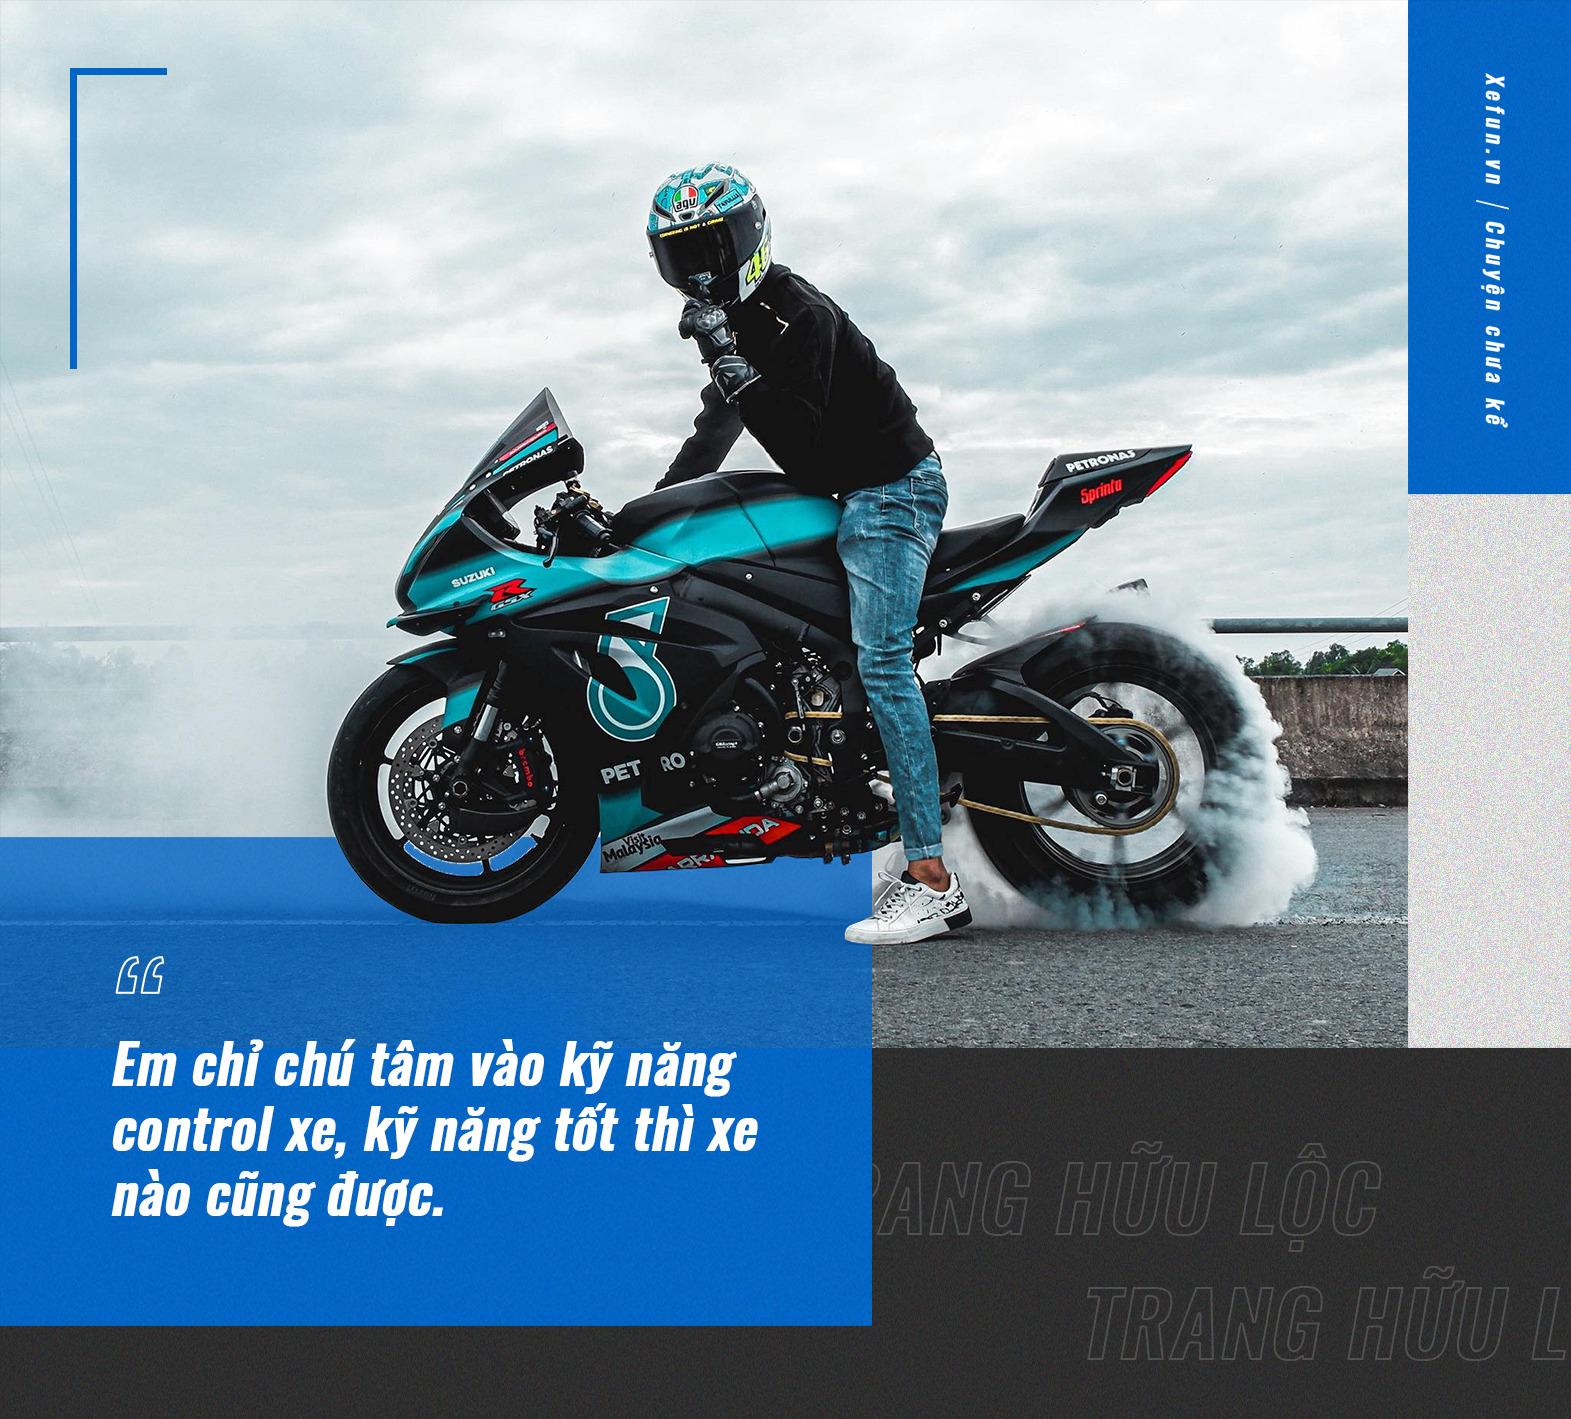 Kỹ-năng-bốc-đầu-Wheelie-và-hành-trình-chưa-kể-của-Trang-Hữu-Lộc-Biker-Phân-khối-lớn-Xefun-_8_